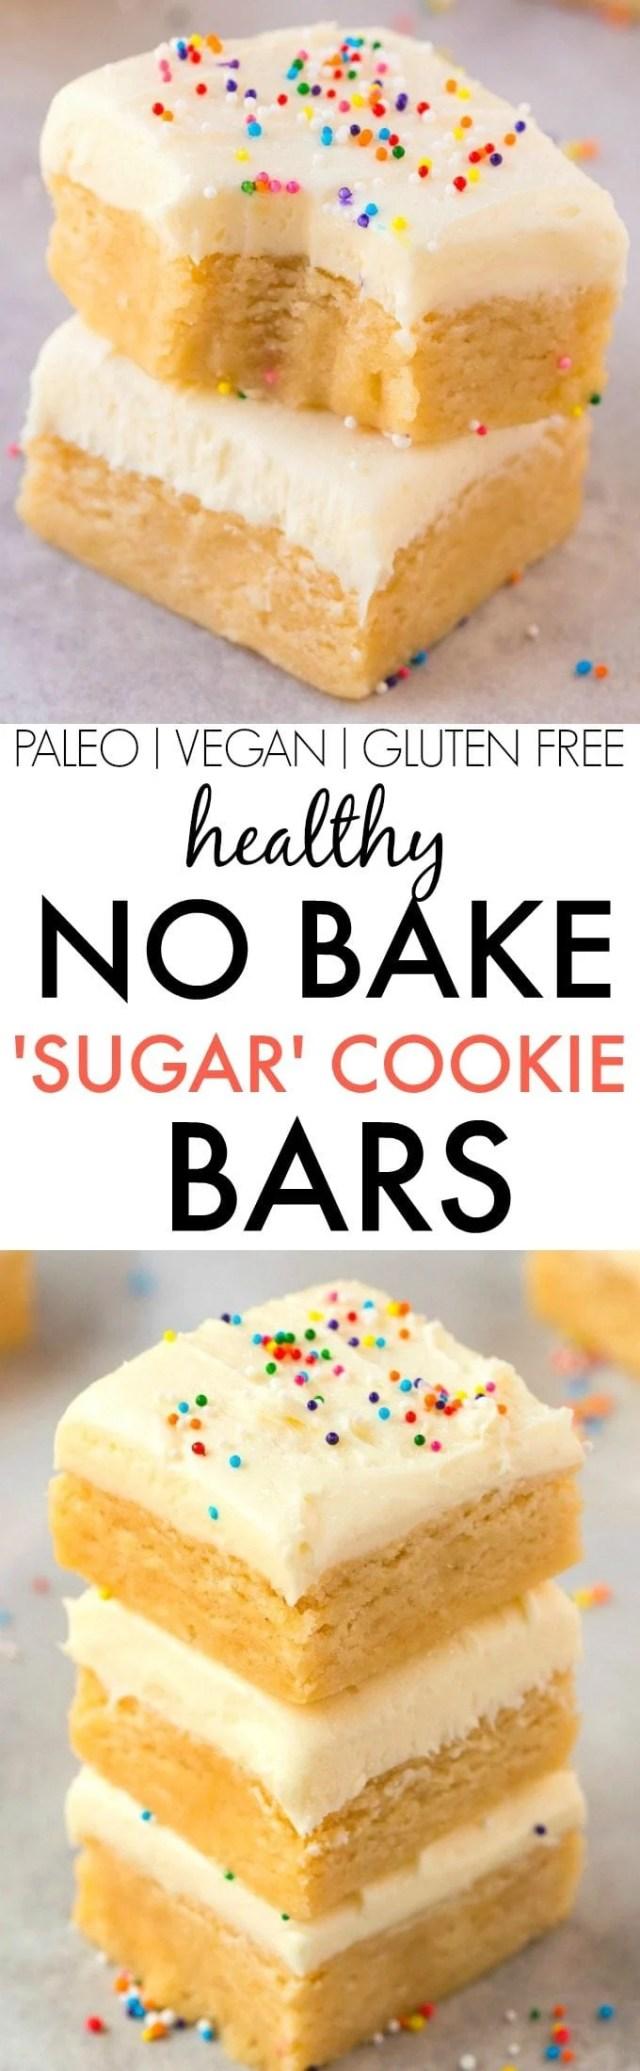 Healthy No Bake Sugar Cookie Bars